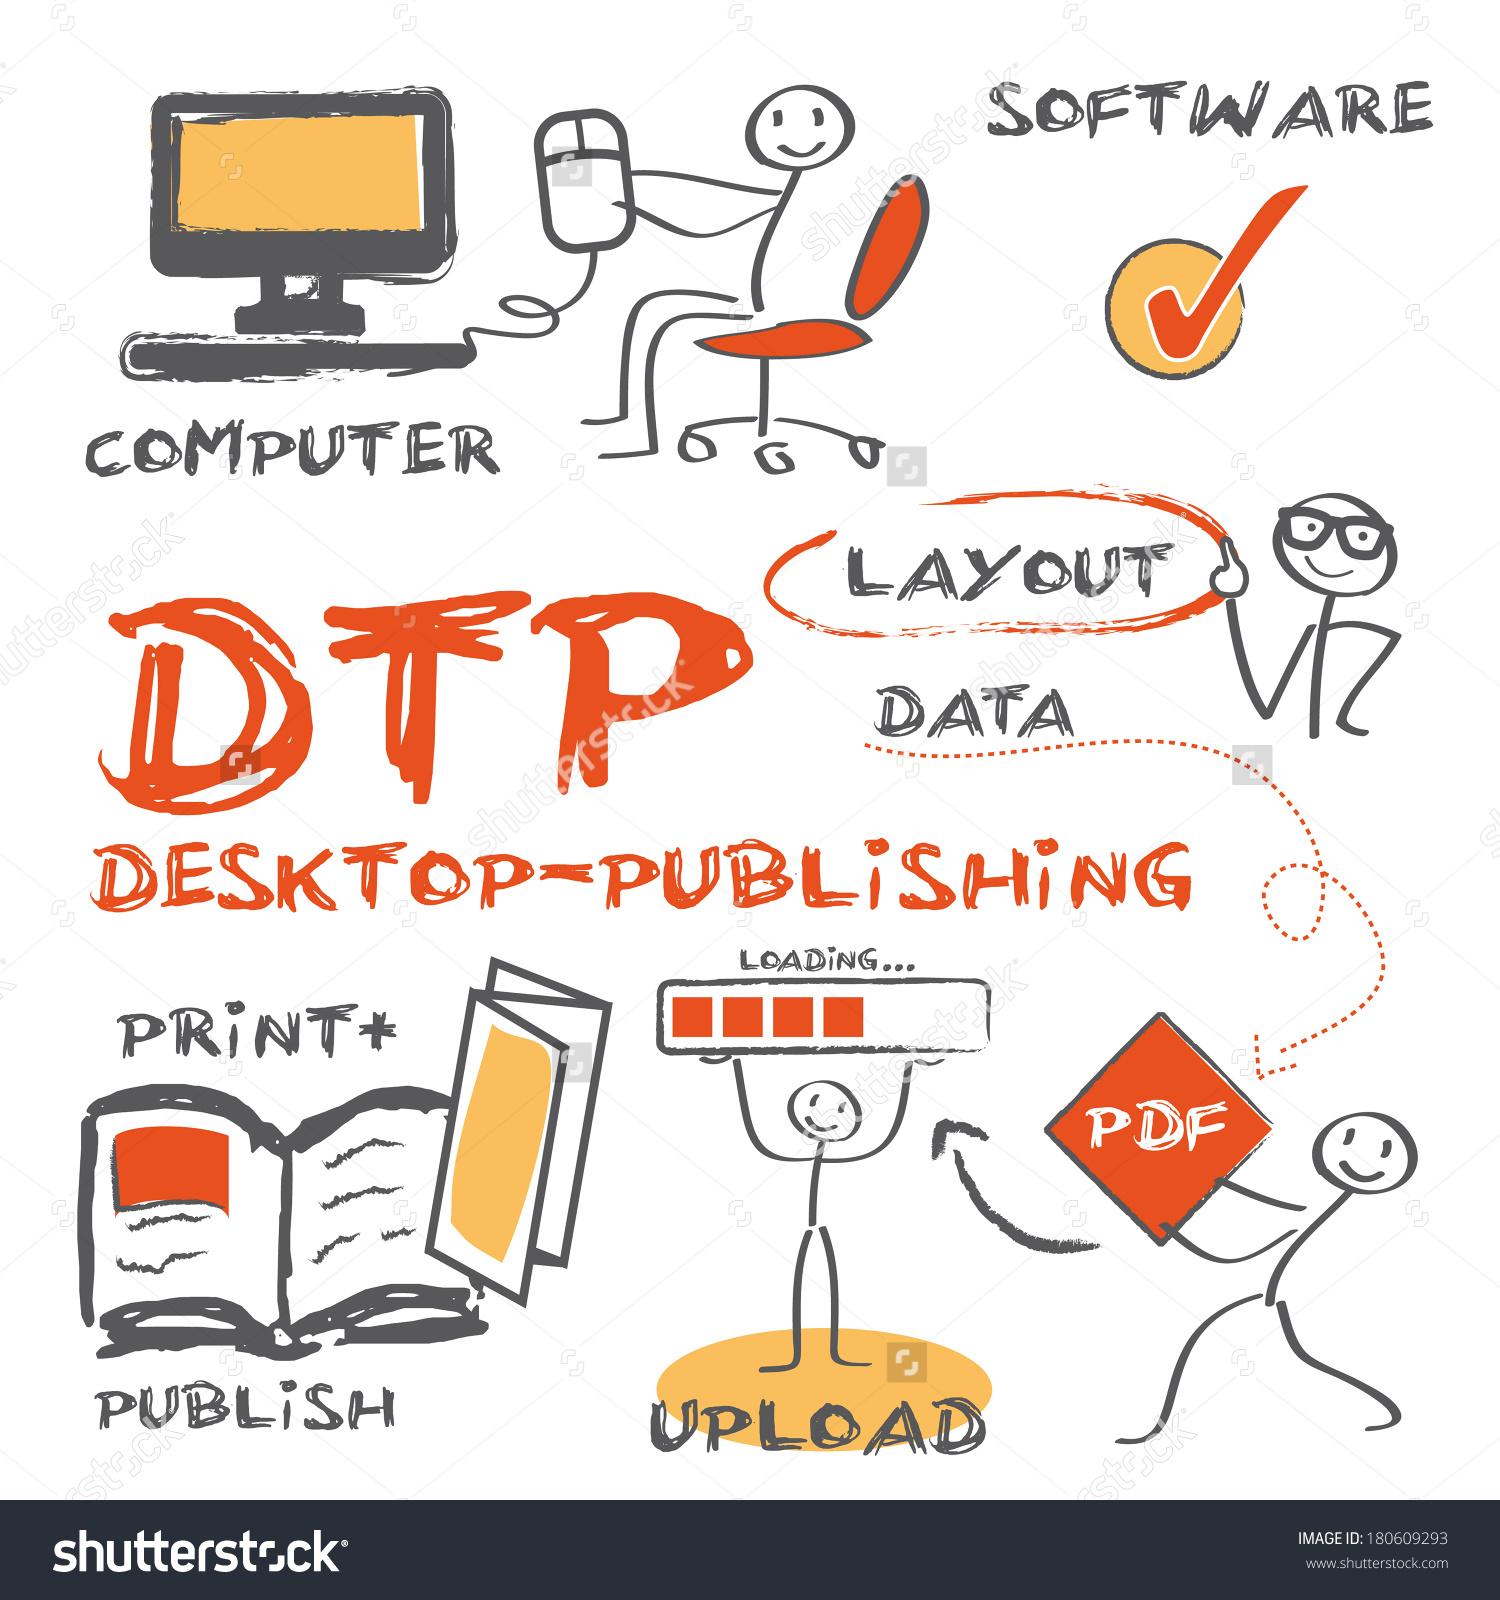 Save desktop clipart layout png transparent library Save desktop clipart layout - ClipartFest png transparent library